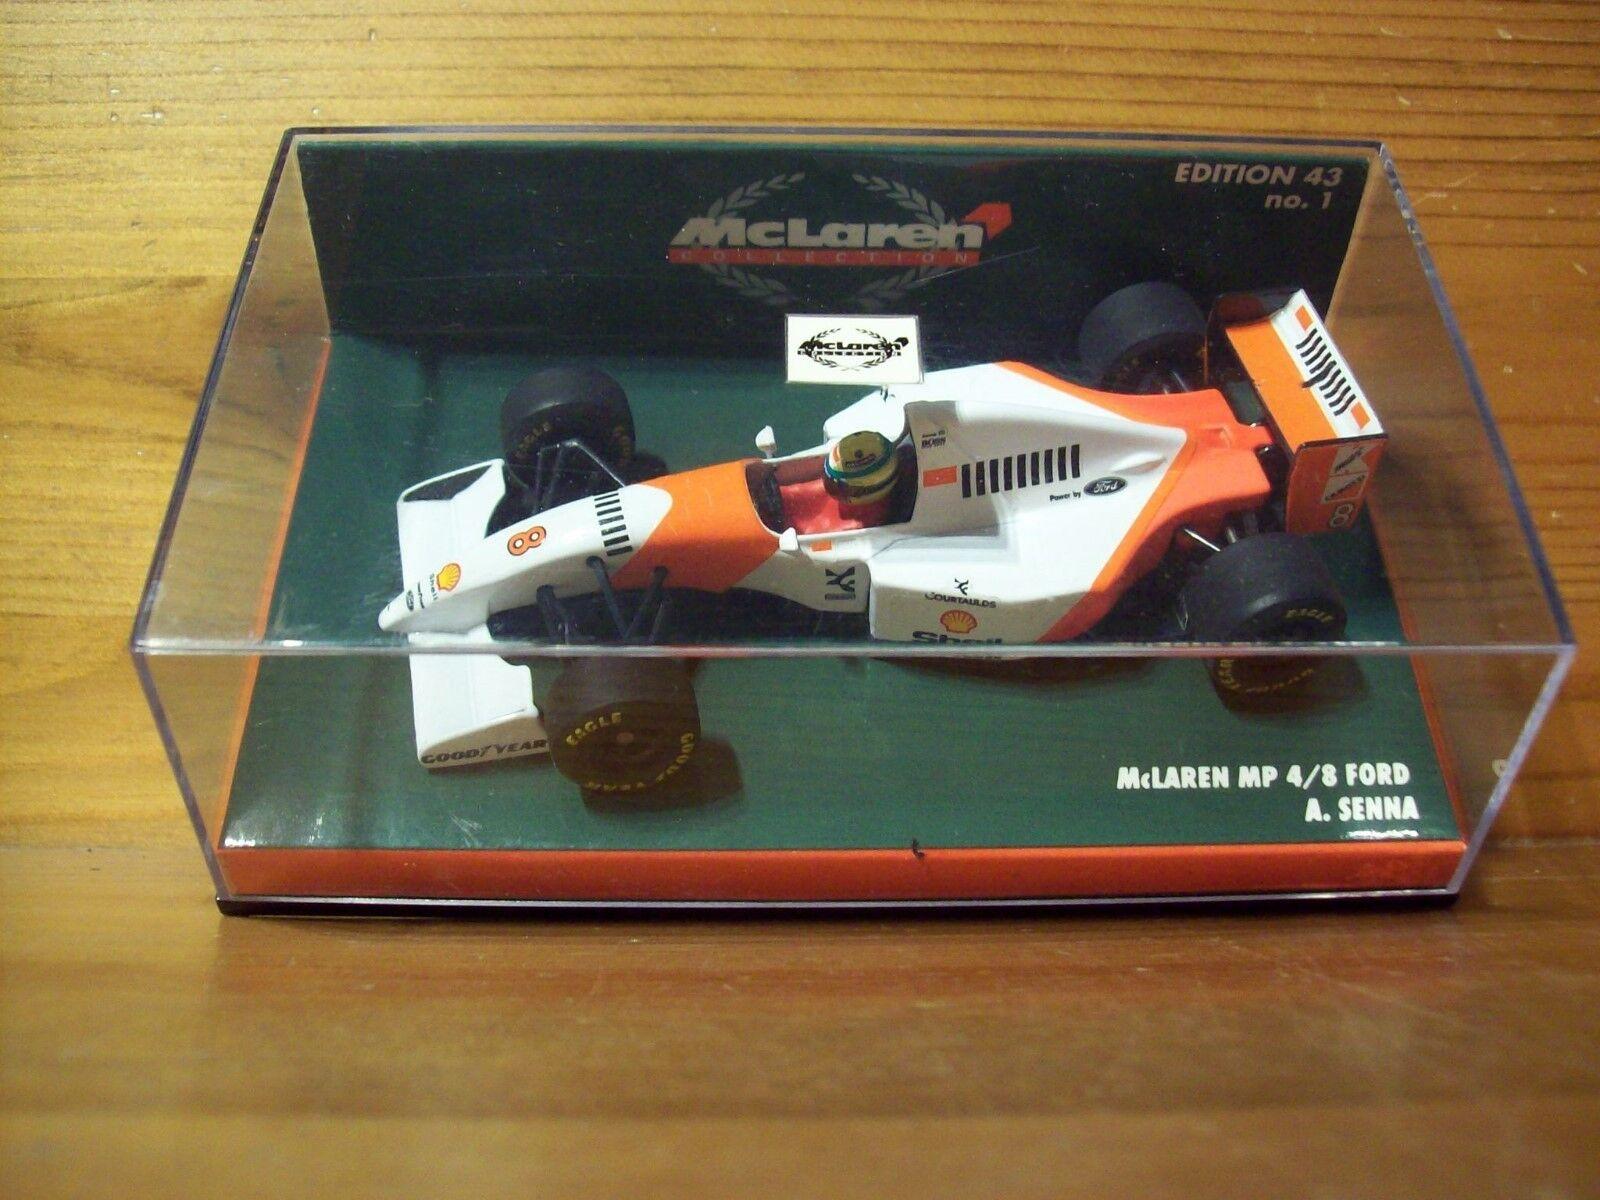 1 43 McLaren MP4 8 edición Ford Ayrton Senna 1993 McLaren Nr 01